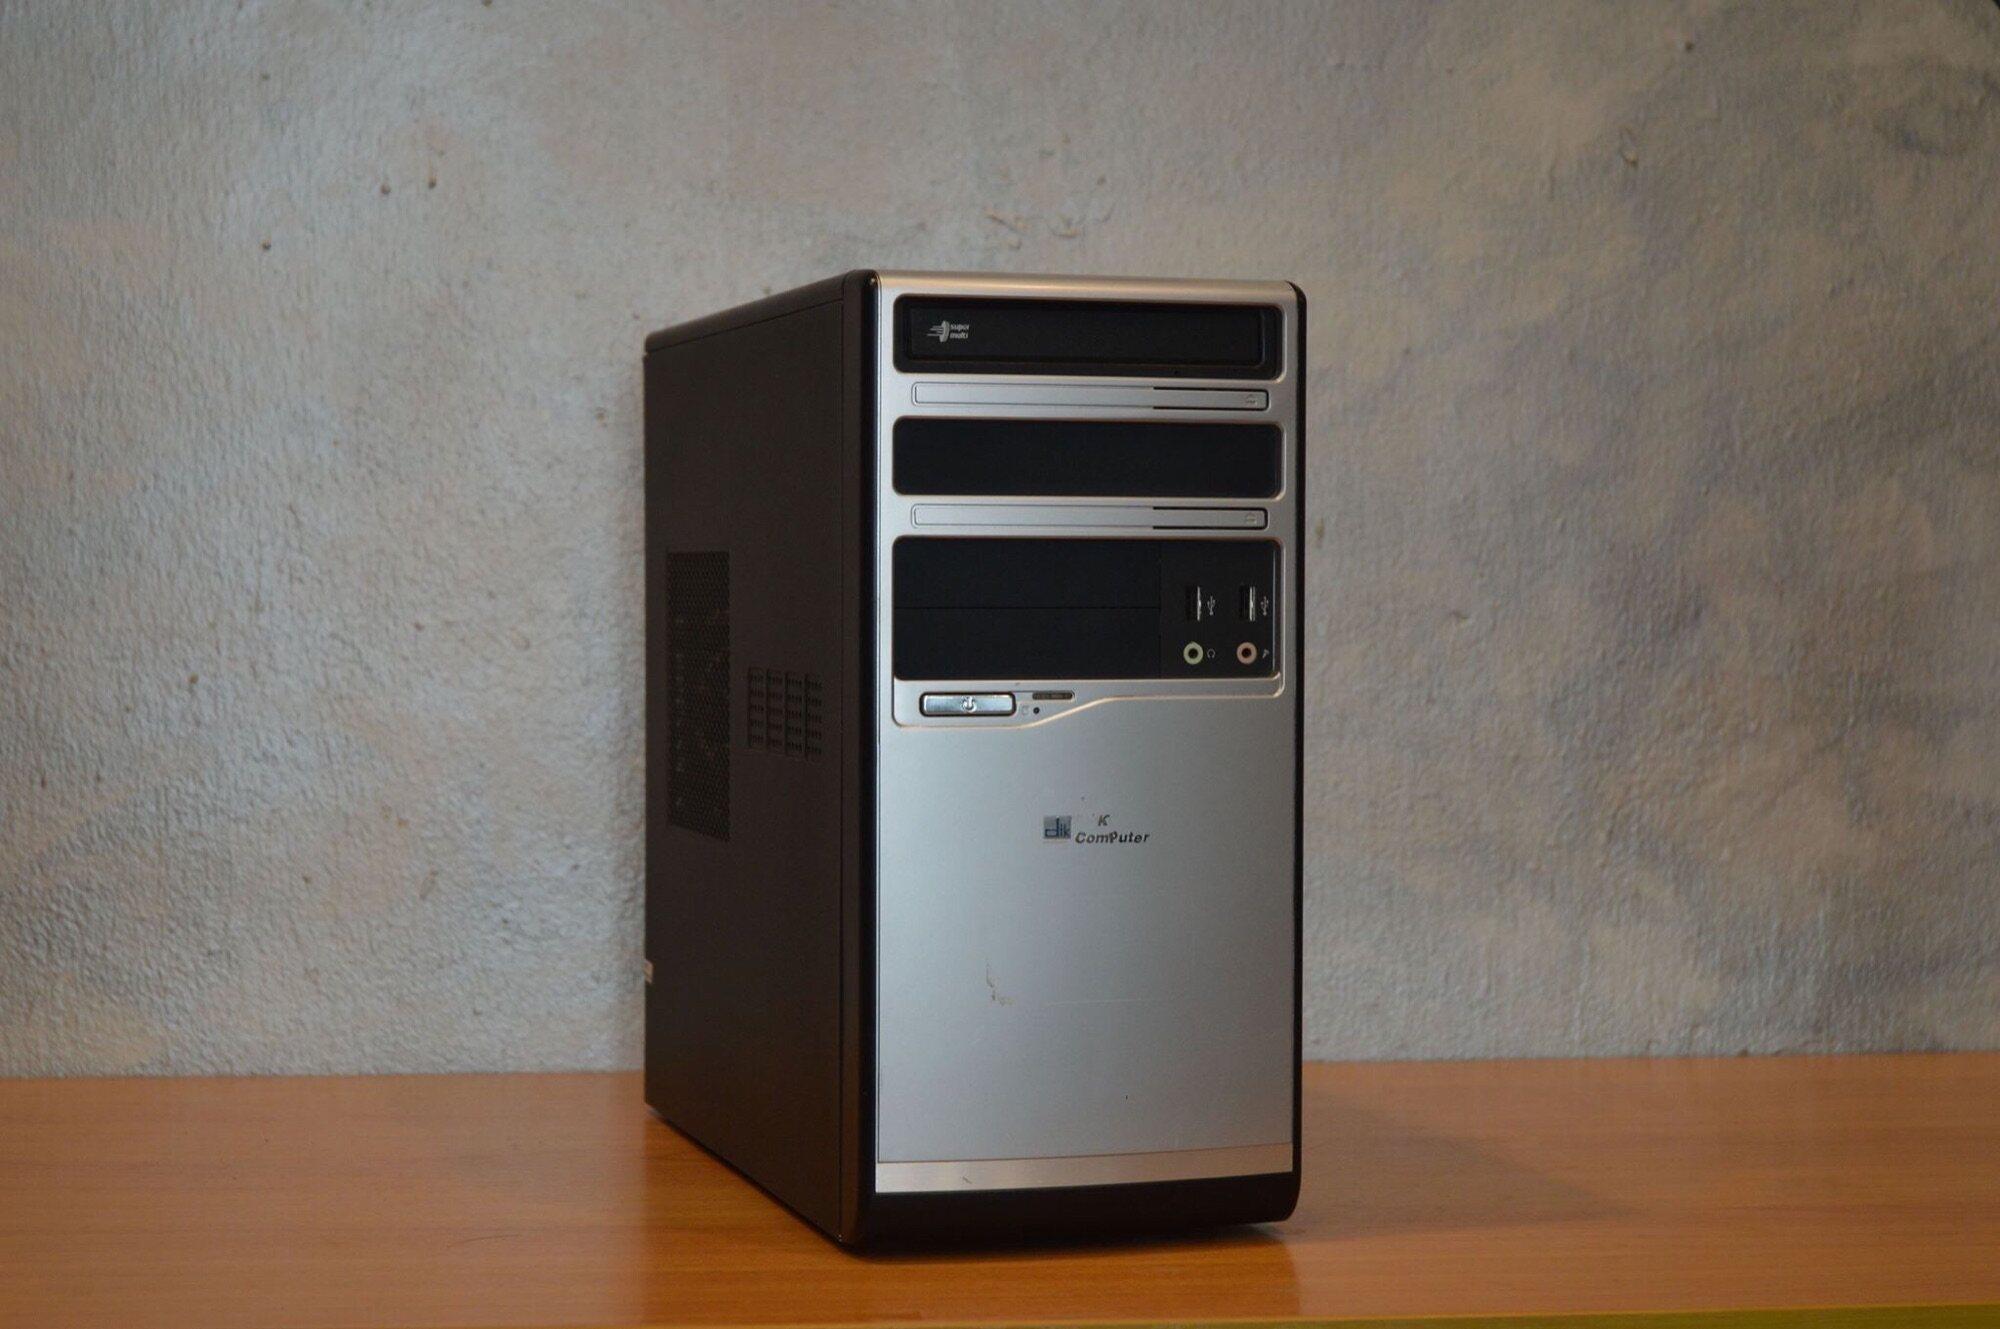 คอมพิวเตอร์pcคละรุ่นพร้อมใช้งานราคาถูก ดูหนัง ฟังเพลง ดูยูทูปลื่น พิมพ์งานออฟฟิศและอื่นๆ.